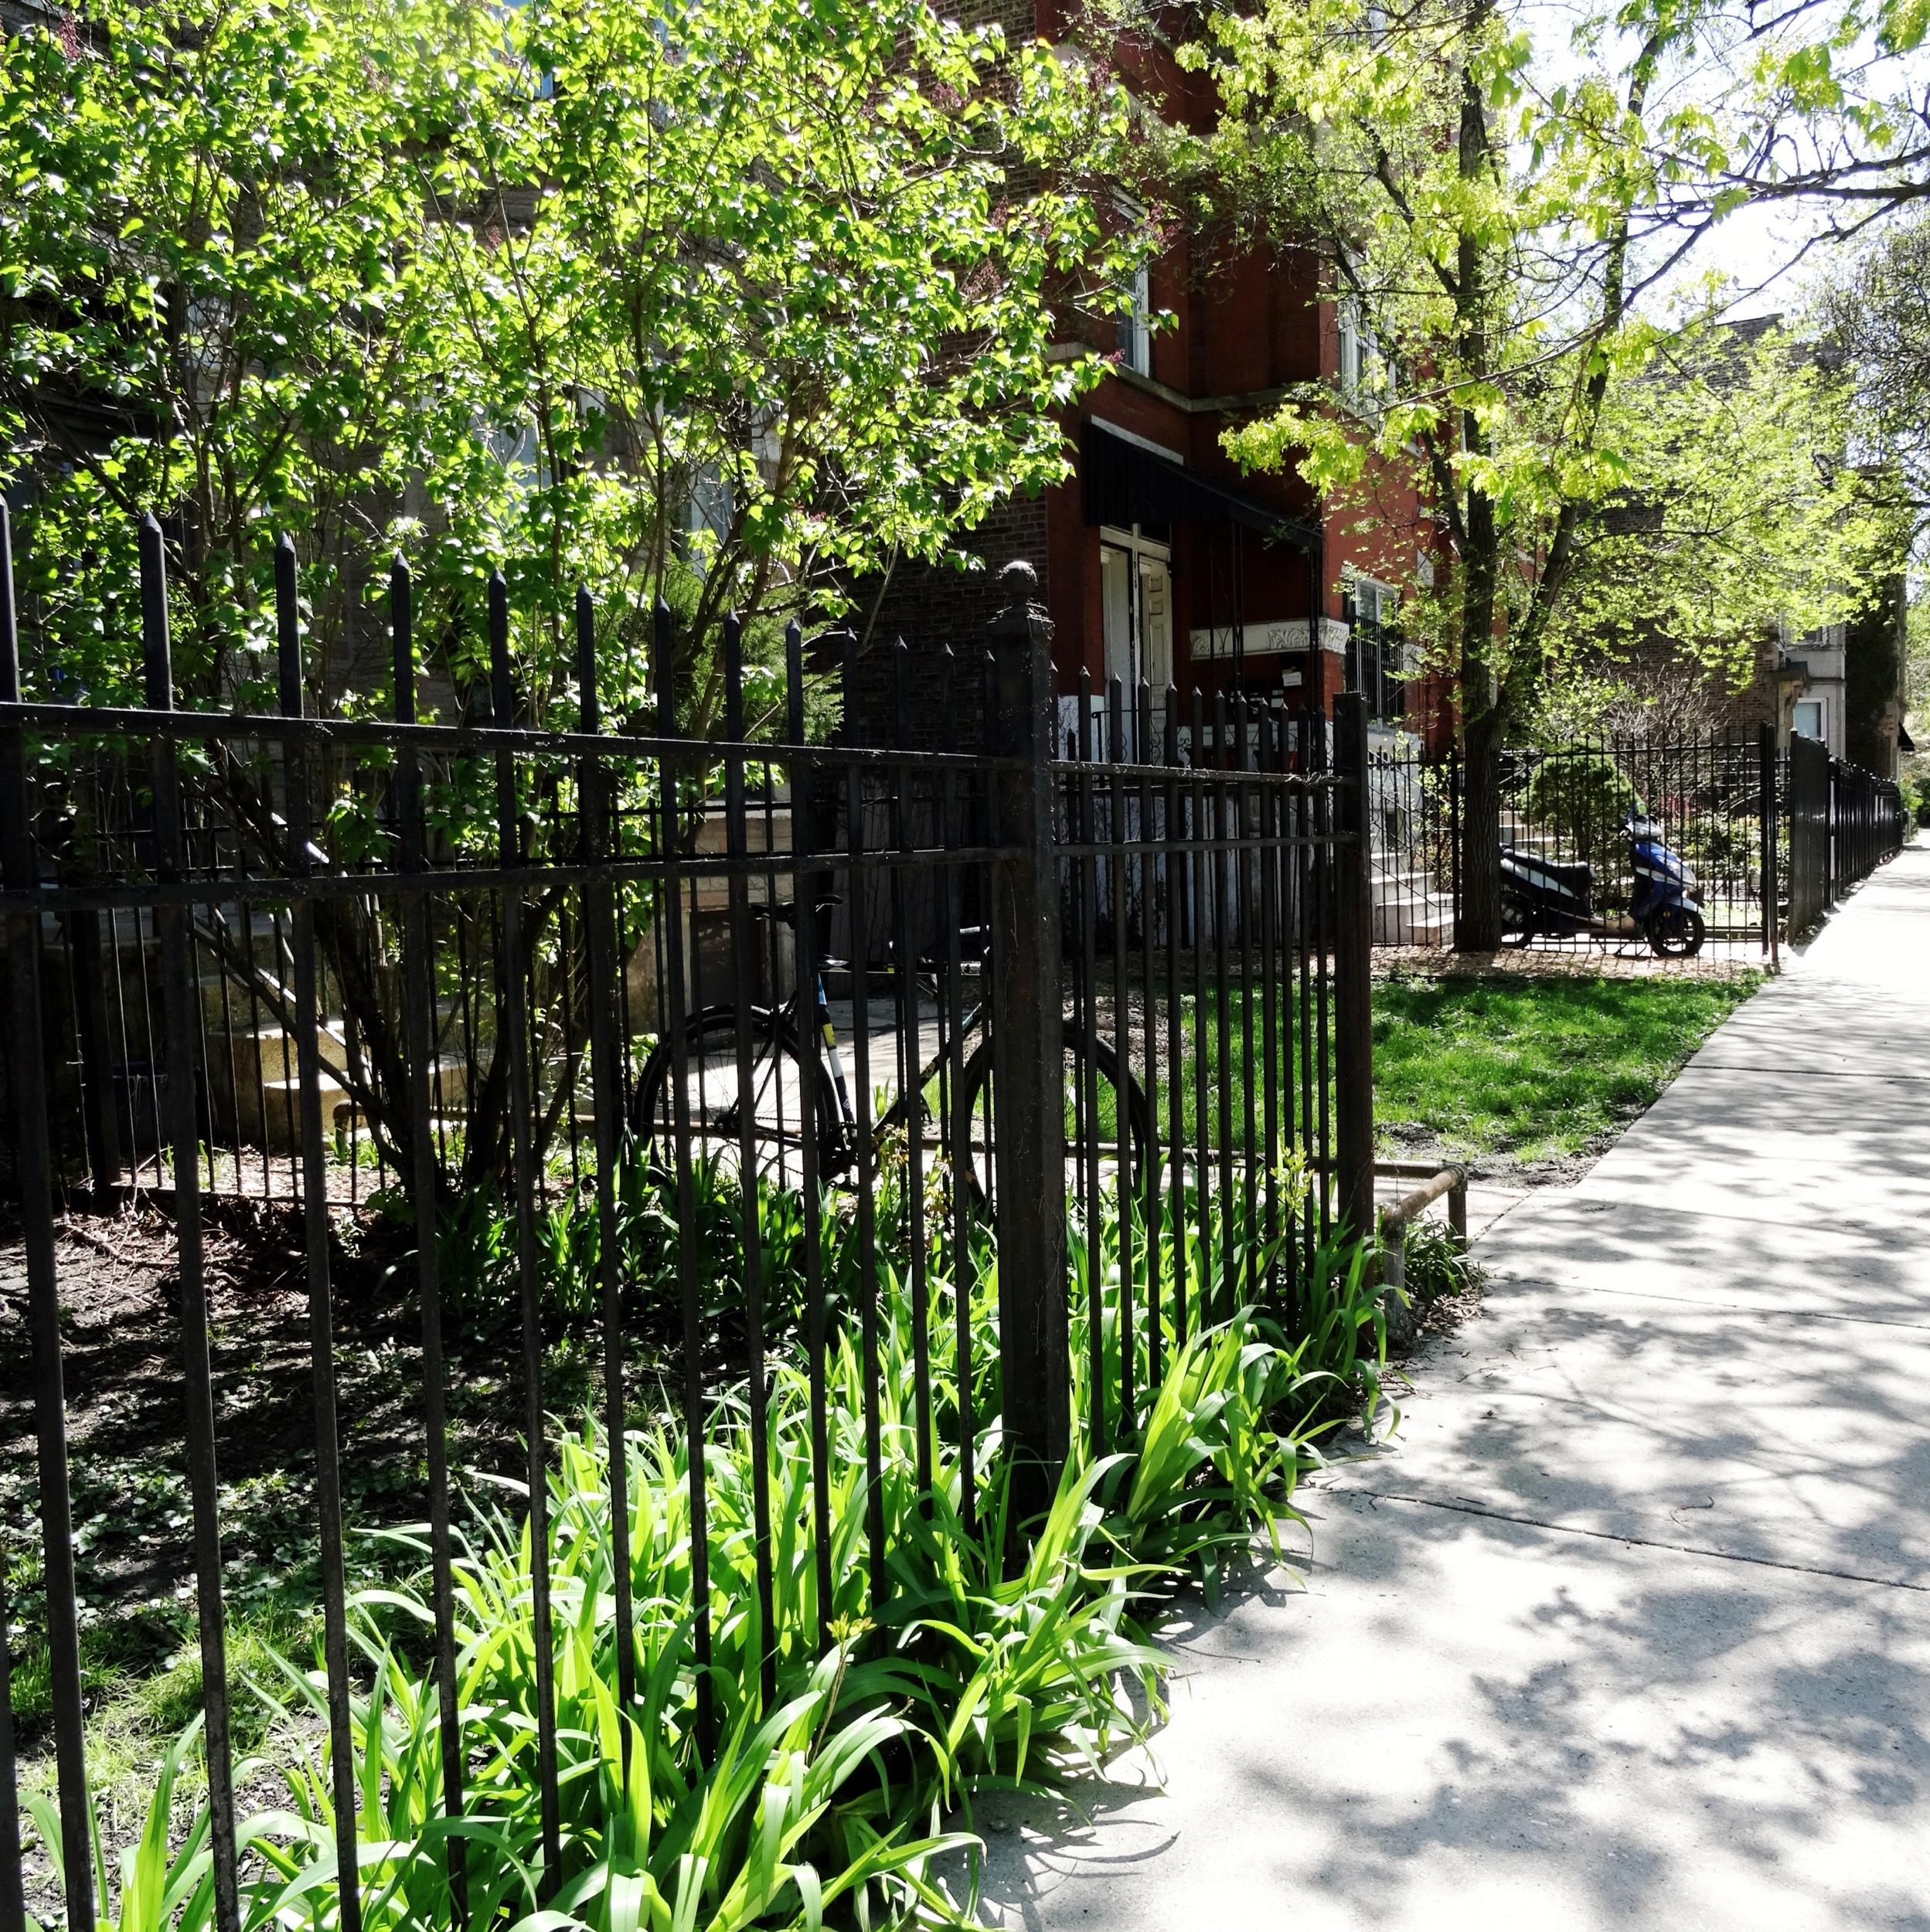 Wicker Park, Chicago